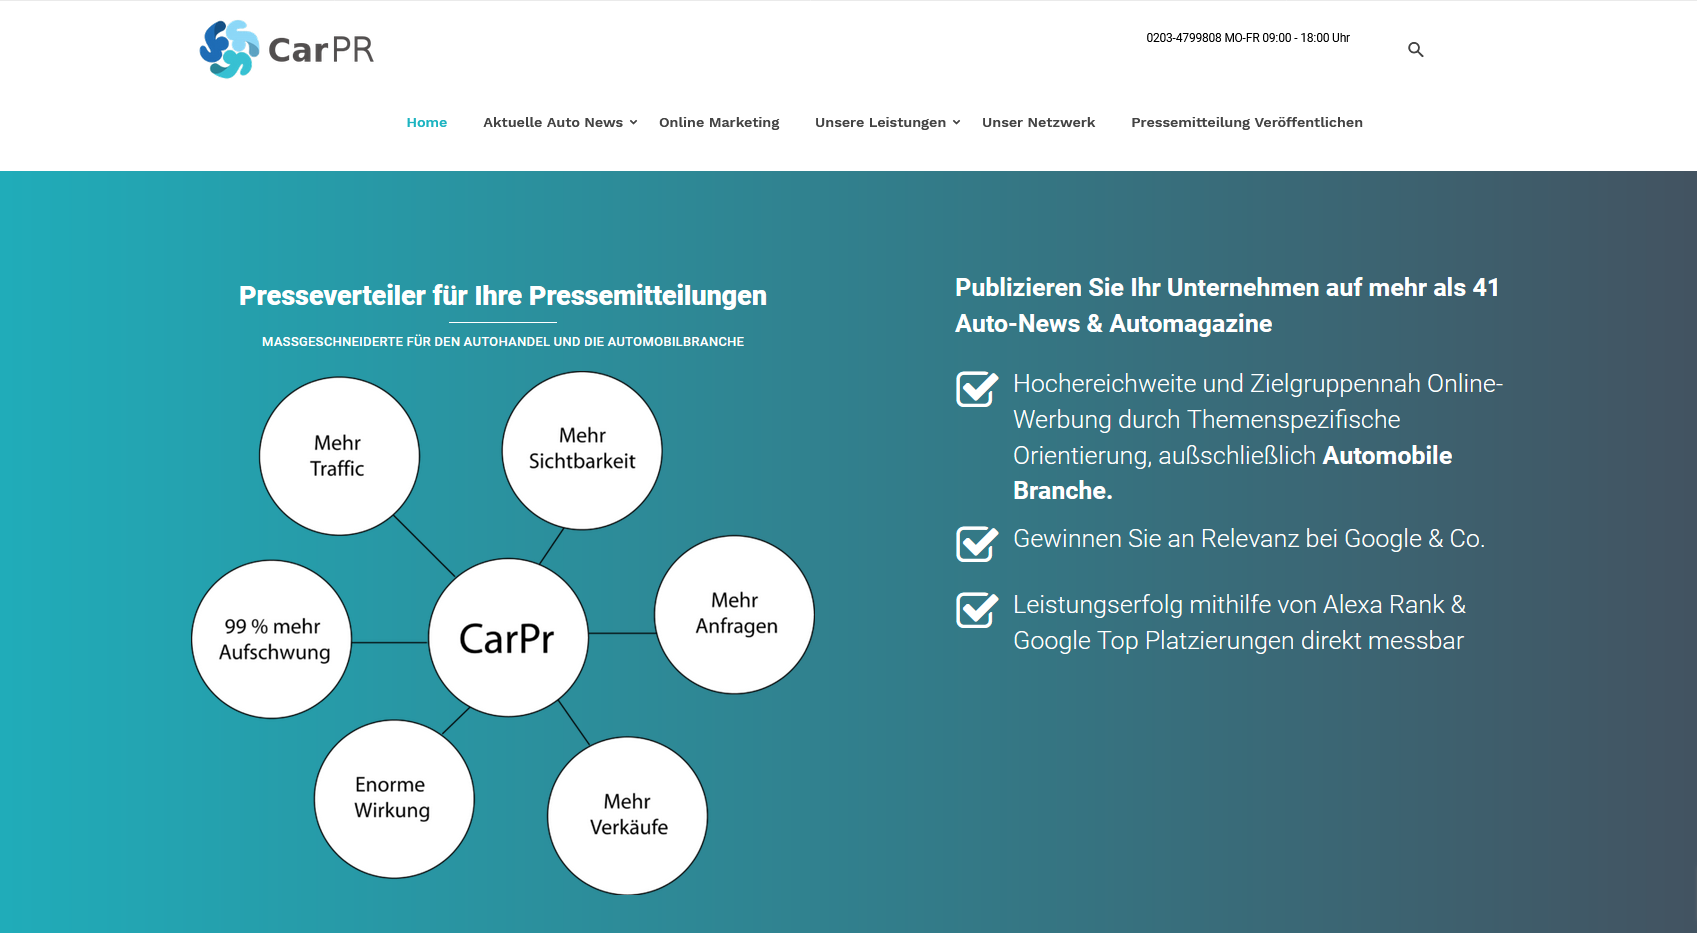 autohaus marketing 60 mehr traffic mehr anfragen mehr verkaeufe - Autohaus Marketing | 60% mehr Traffic – mehr Anfragen – mehr Verkäufe